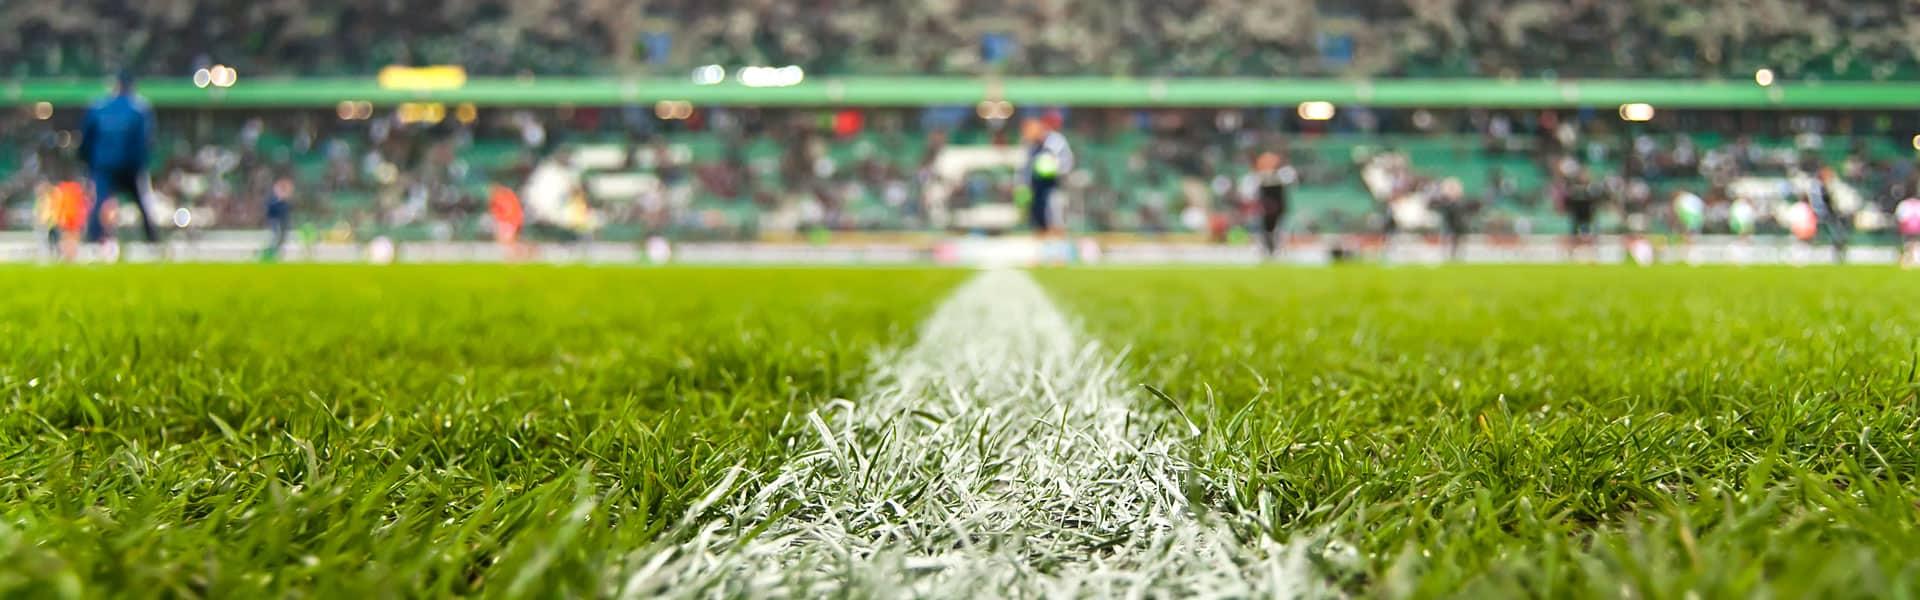 Fußball EM - Austragungsorte in Polen